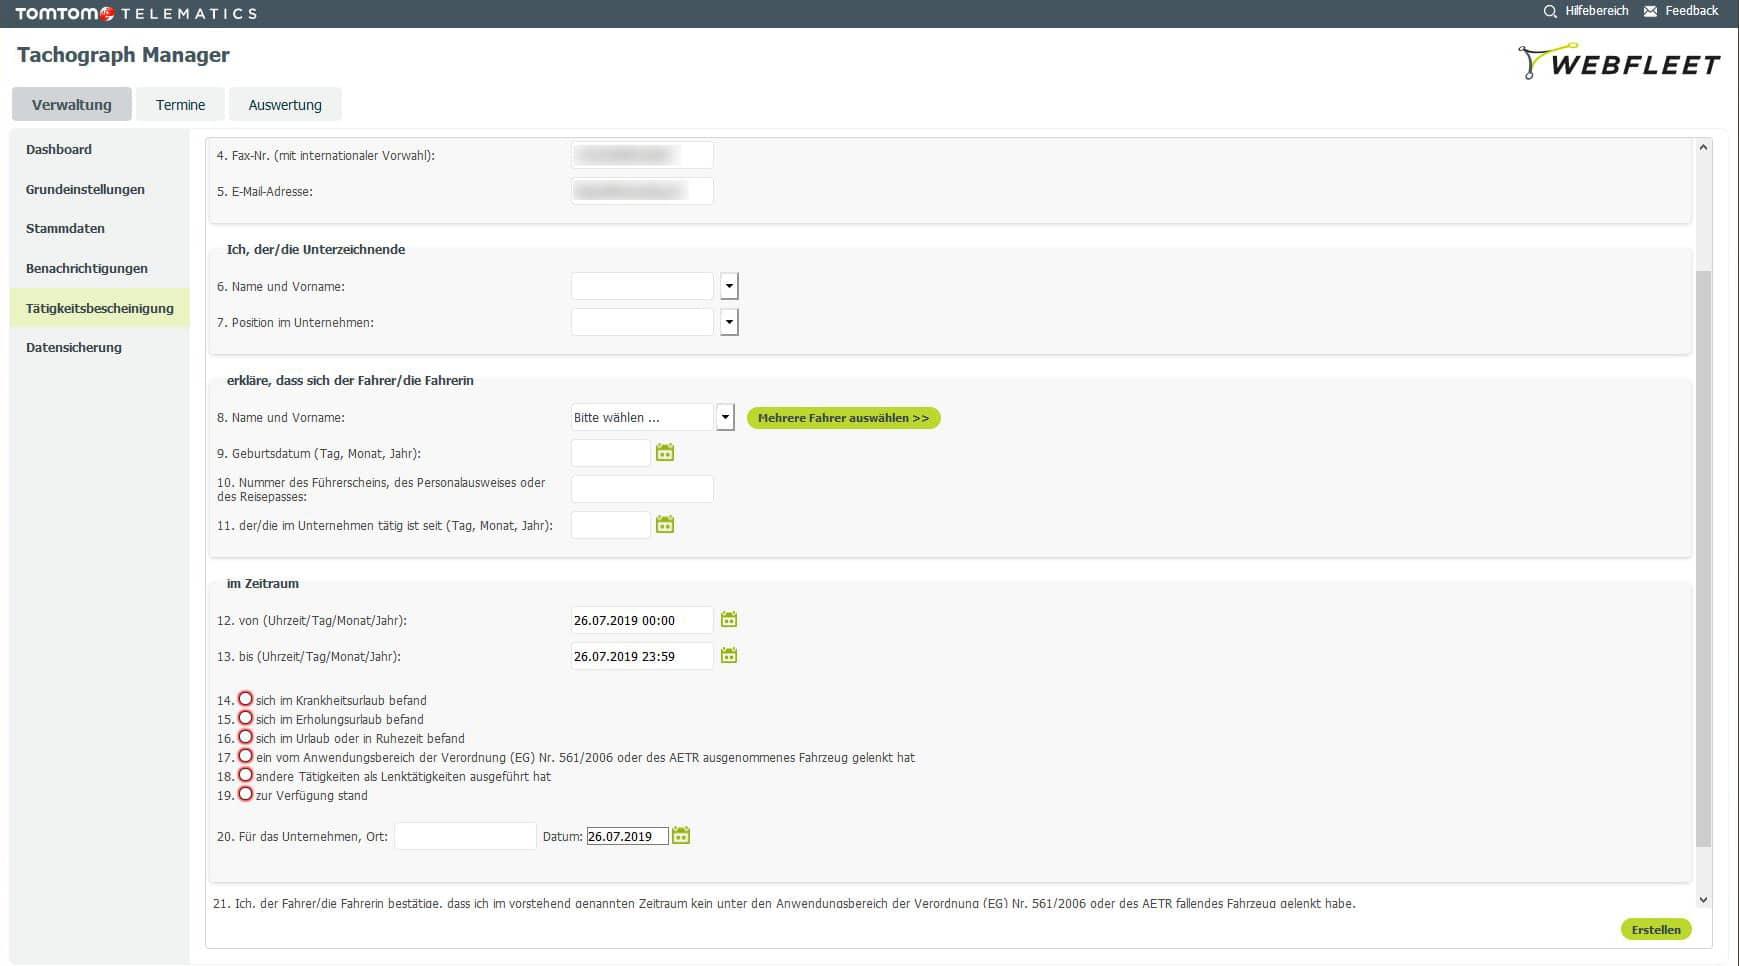 WEBFLEET® Tachograph Manager